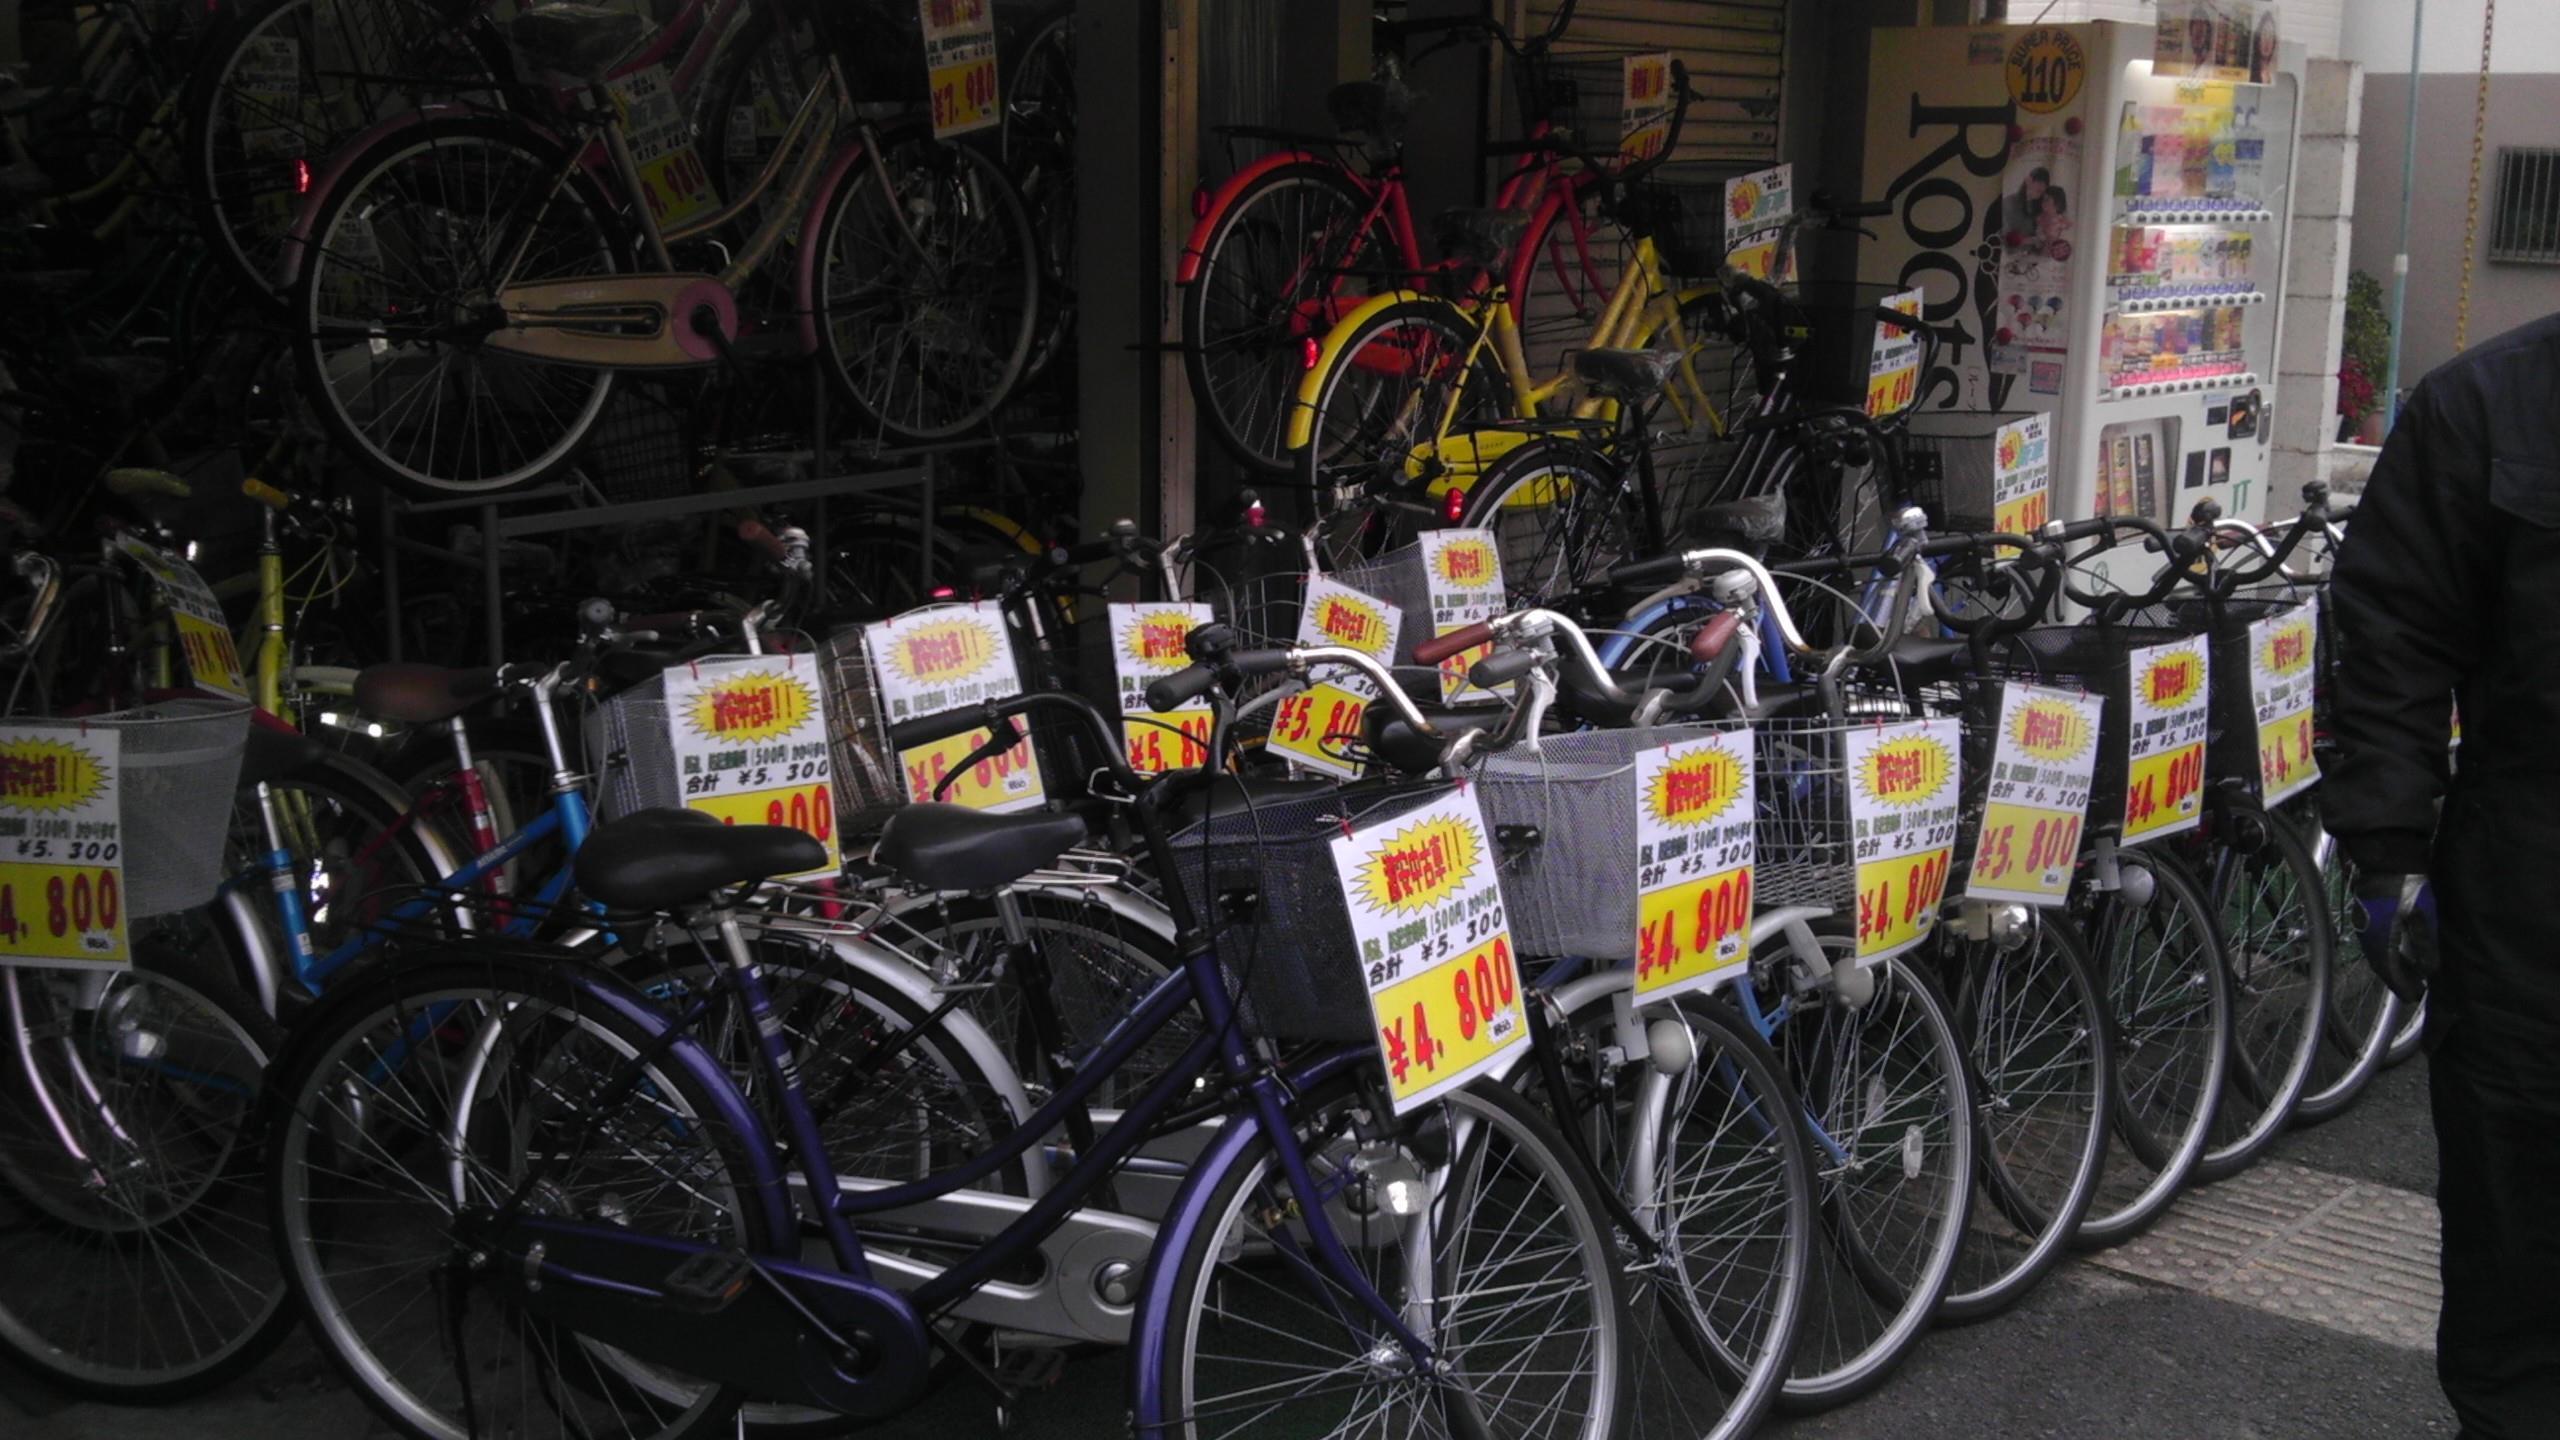 自転車屋 自転車屋さん 近く : こちらの店長さんは当店系列店 ...